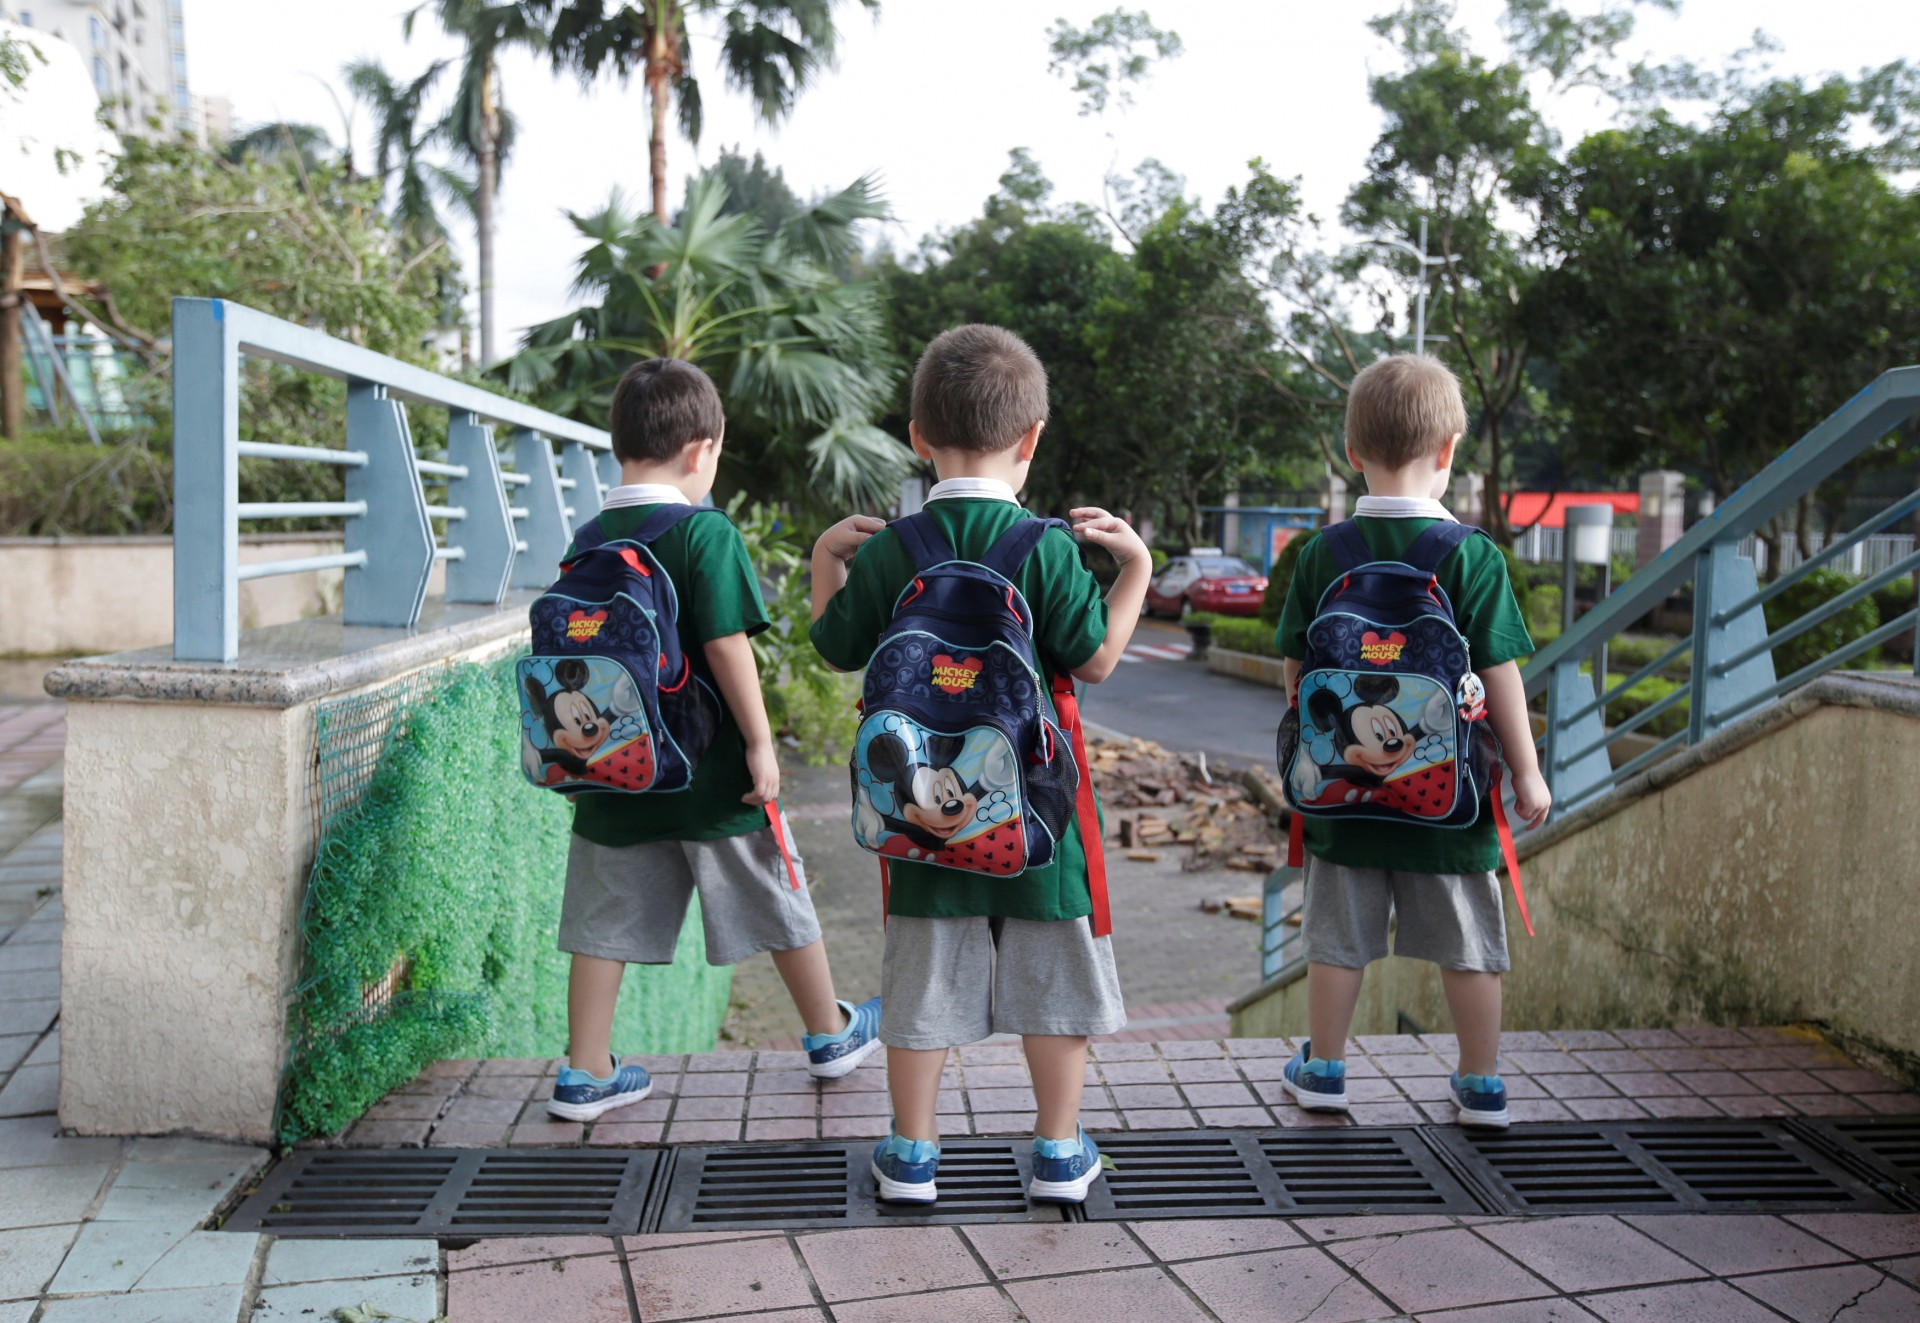 Los hijos de An Hui y Ye Jianbin, An Zhizhong, An Zhifei y An Zhiya, caminan al jardín de niños en Shenzhen.